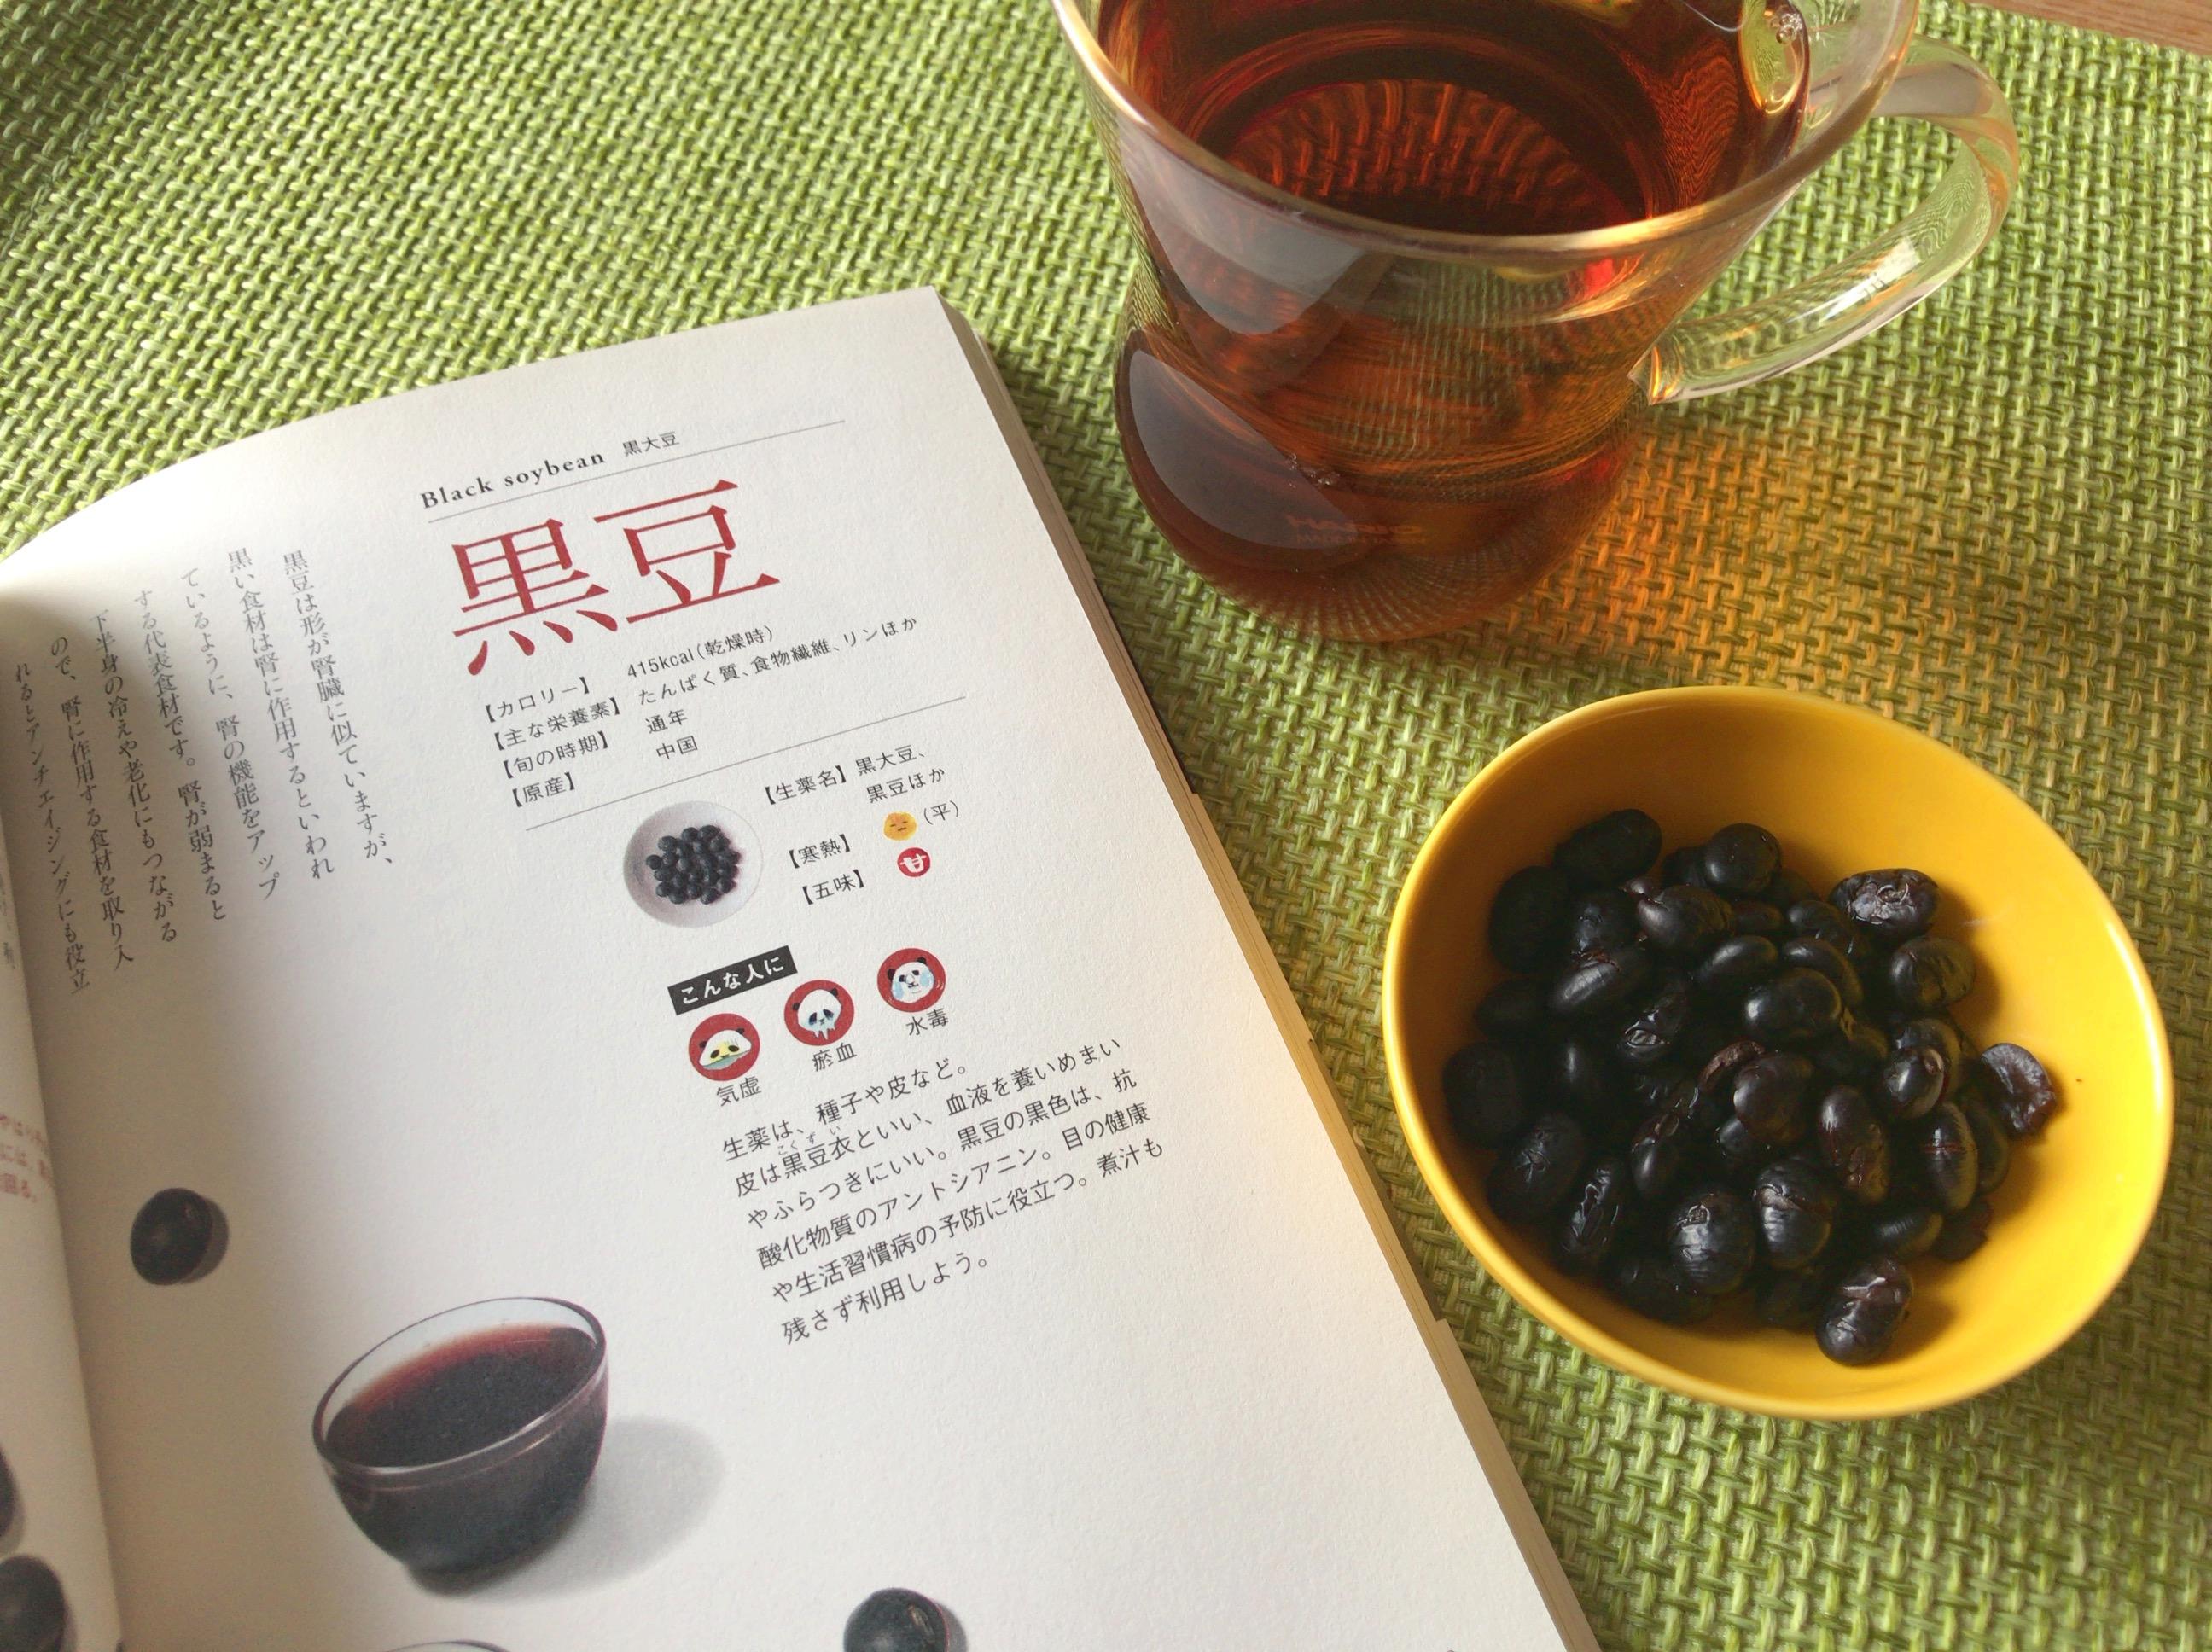 瘀血を改善するお茶「黒豆茶」